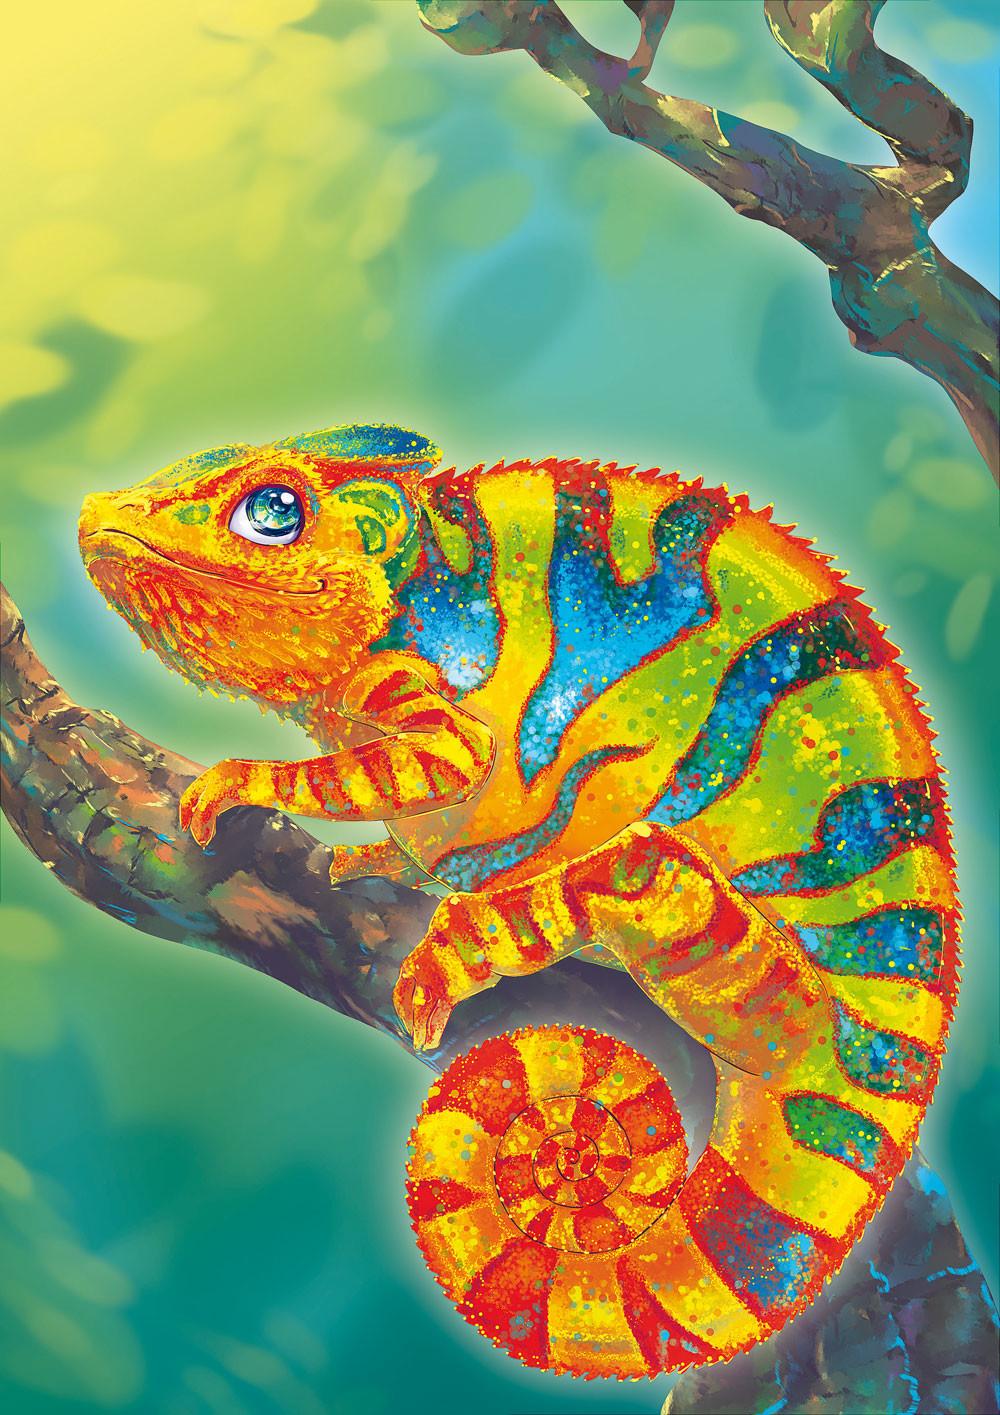 Iva vyhnankova chameleon2